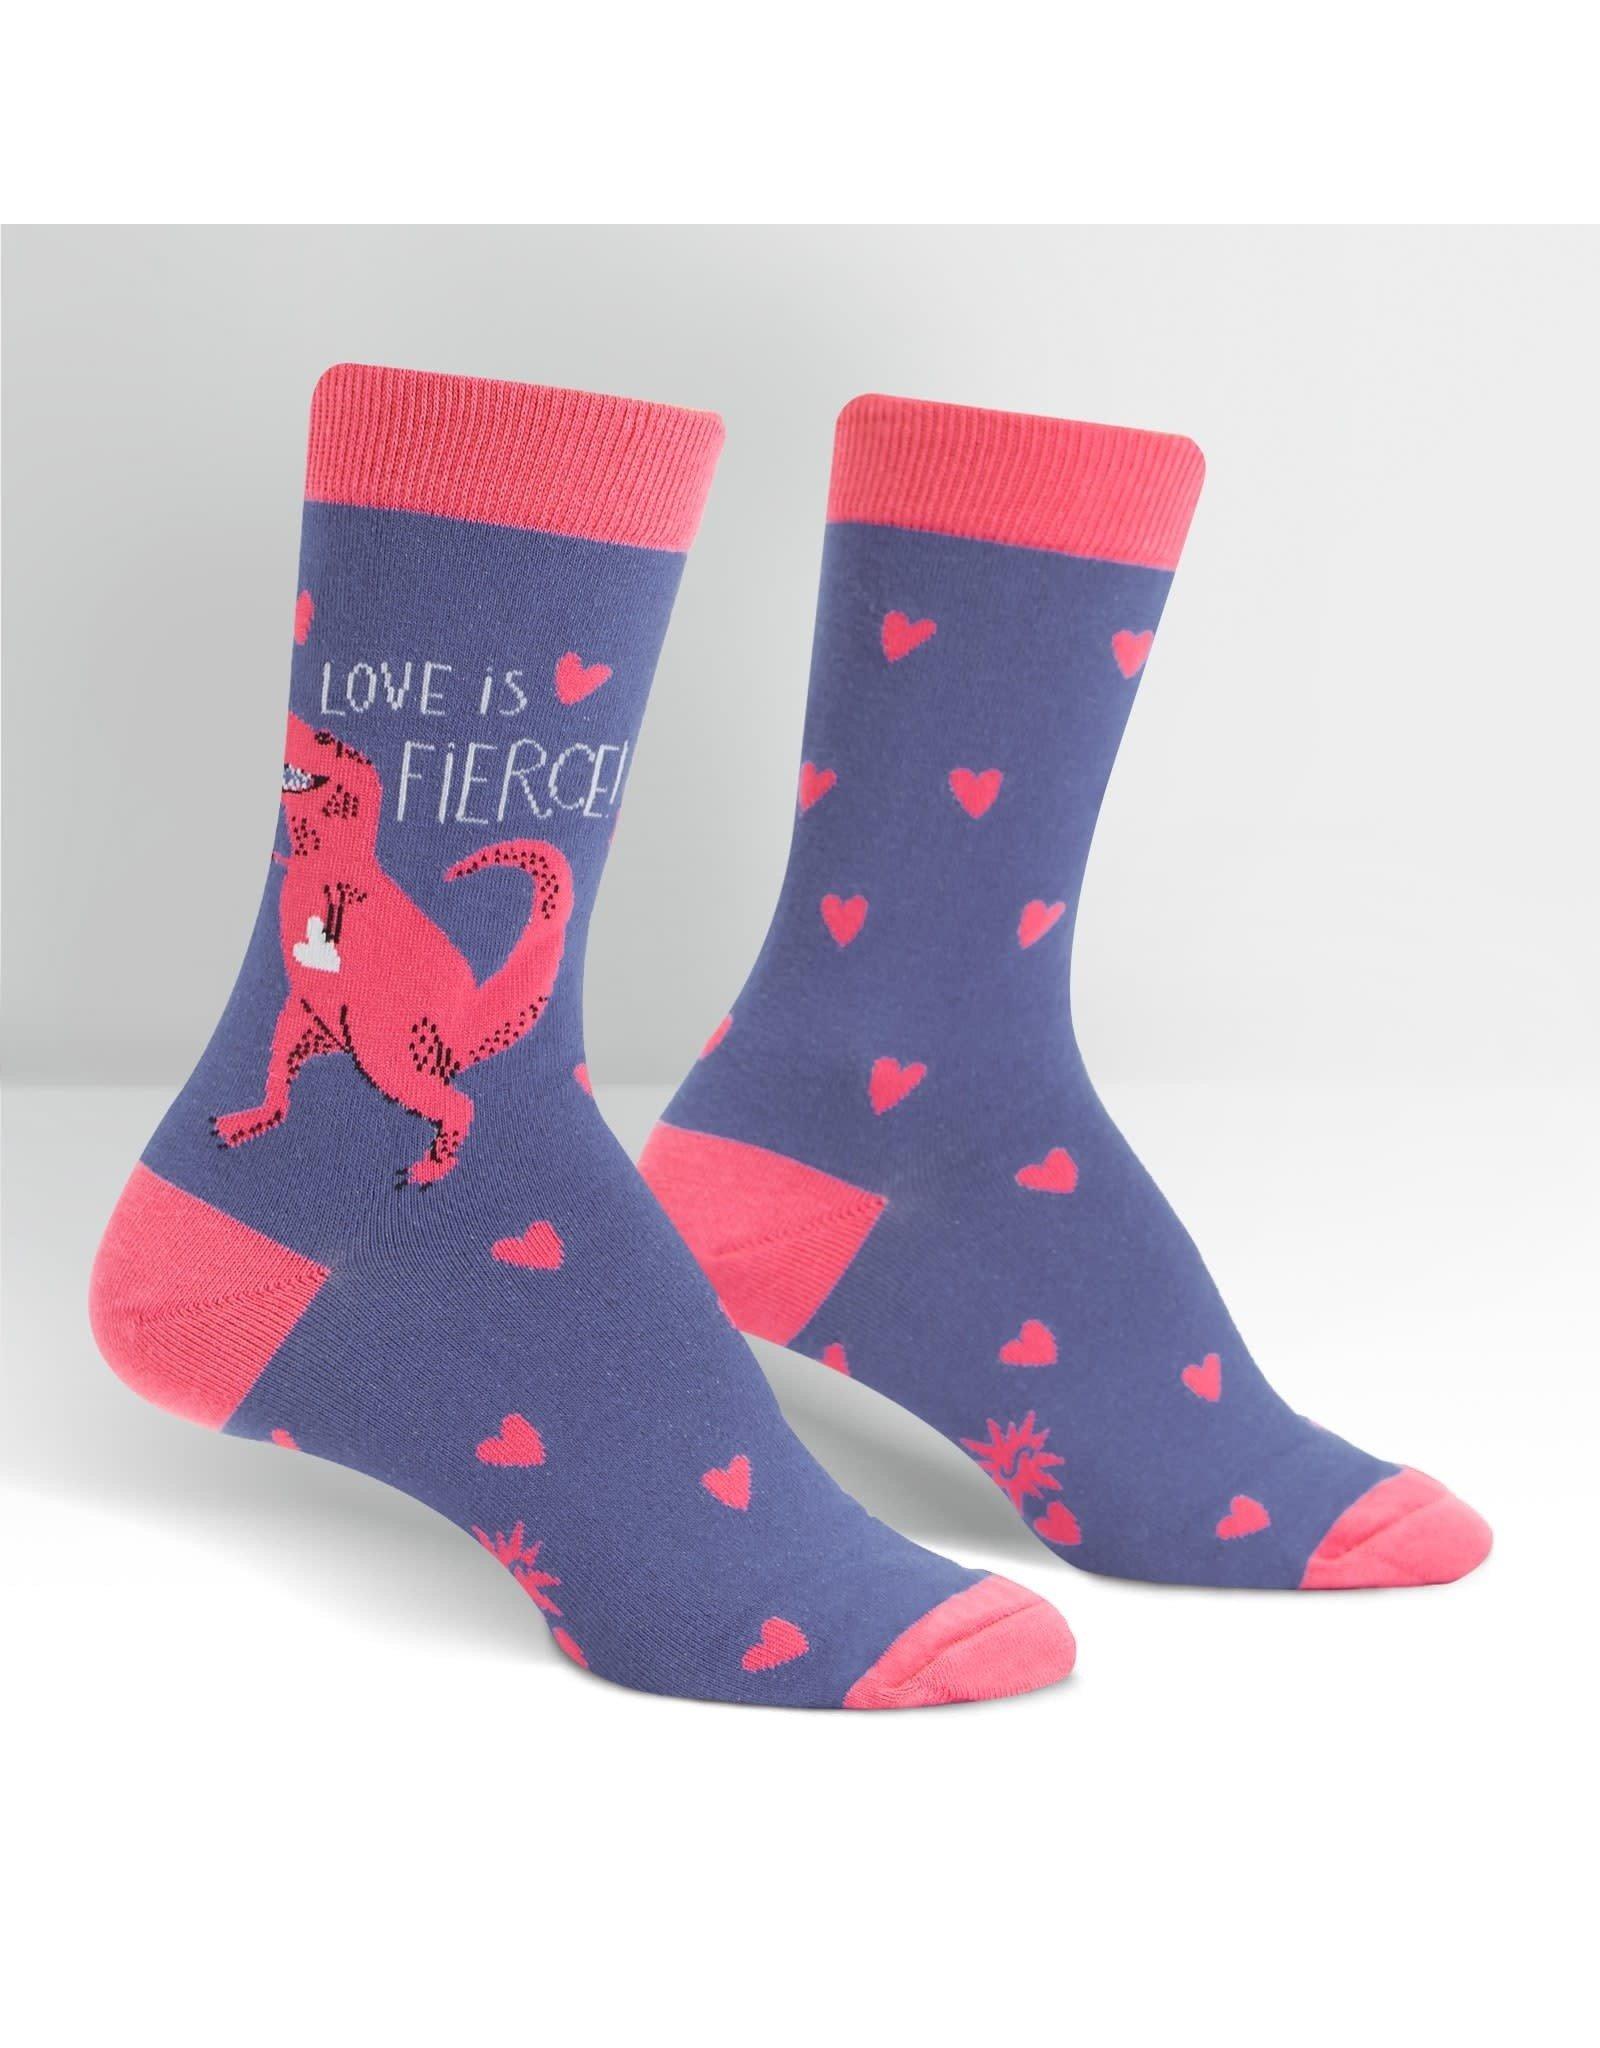 SOCK IT TO ME - Women's Love Is Fierce Crew Socks